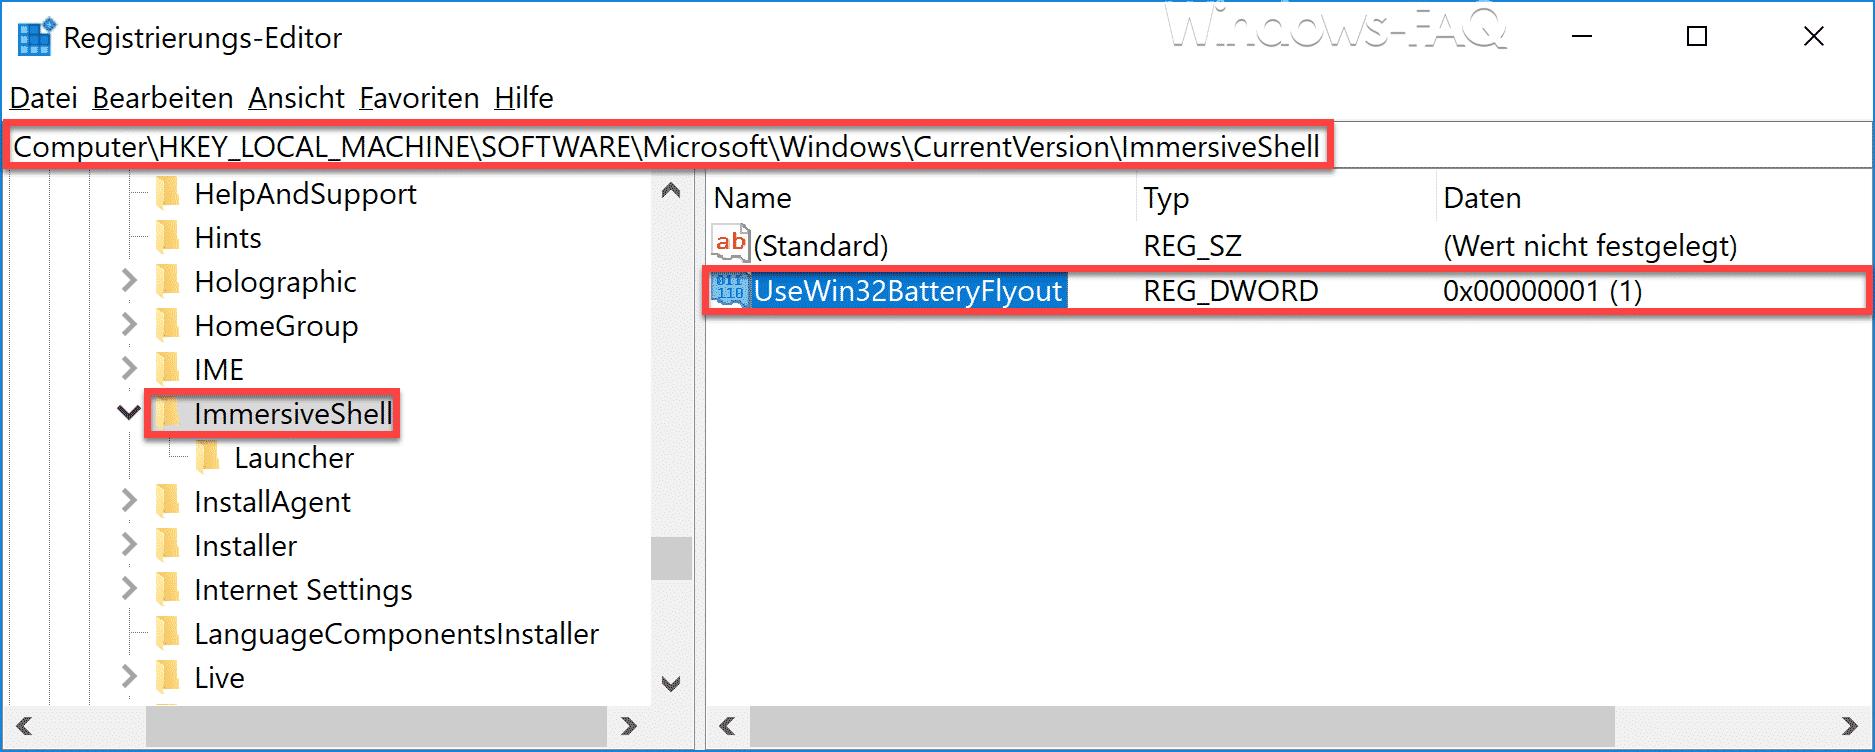 UseWin32BatteryFlyout